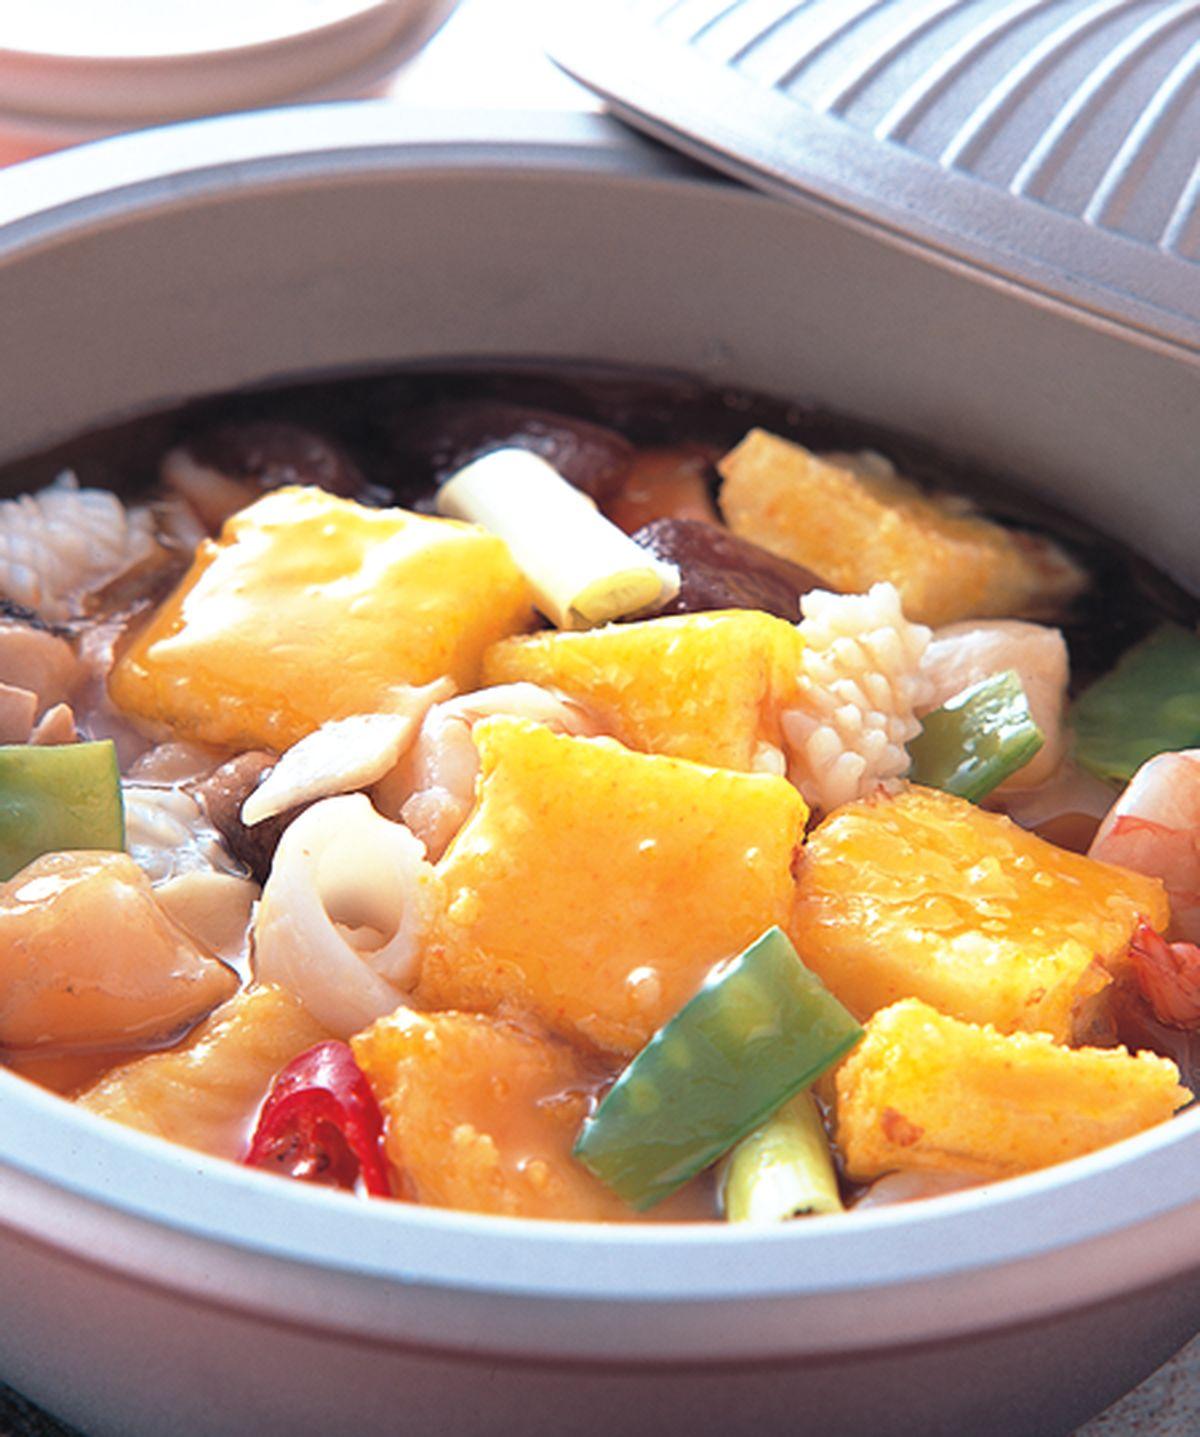 食譜:海皇豆腐煲